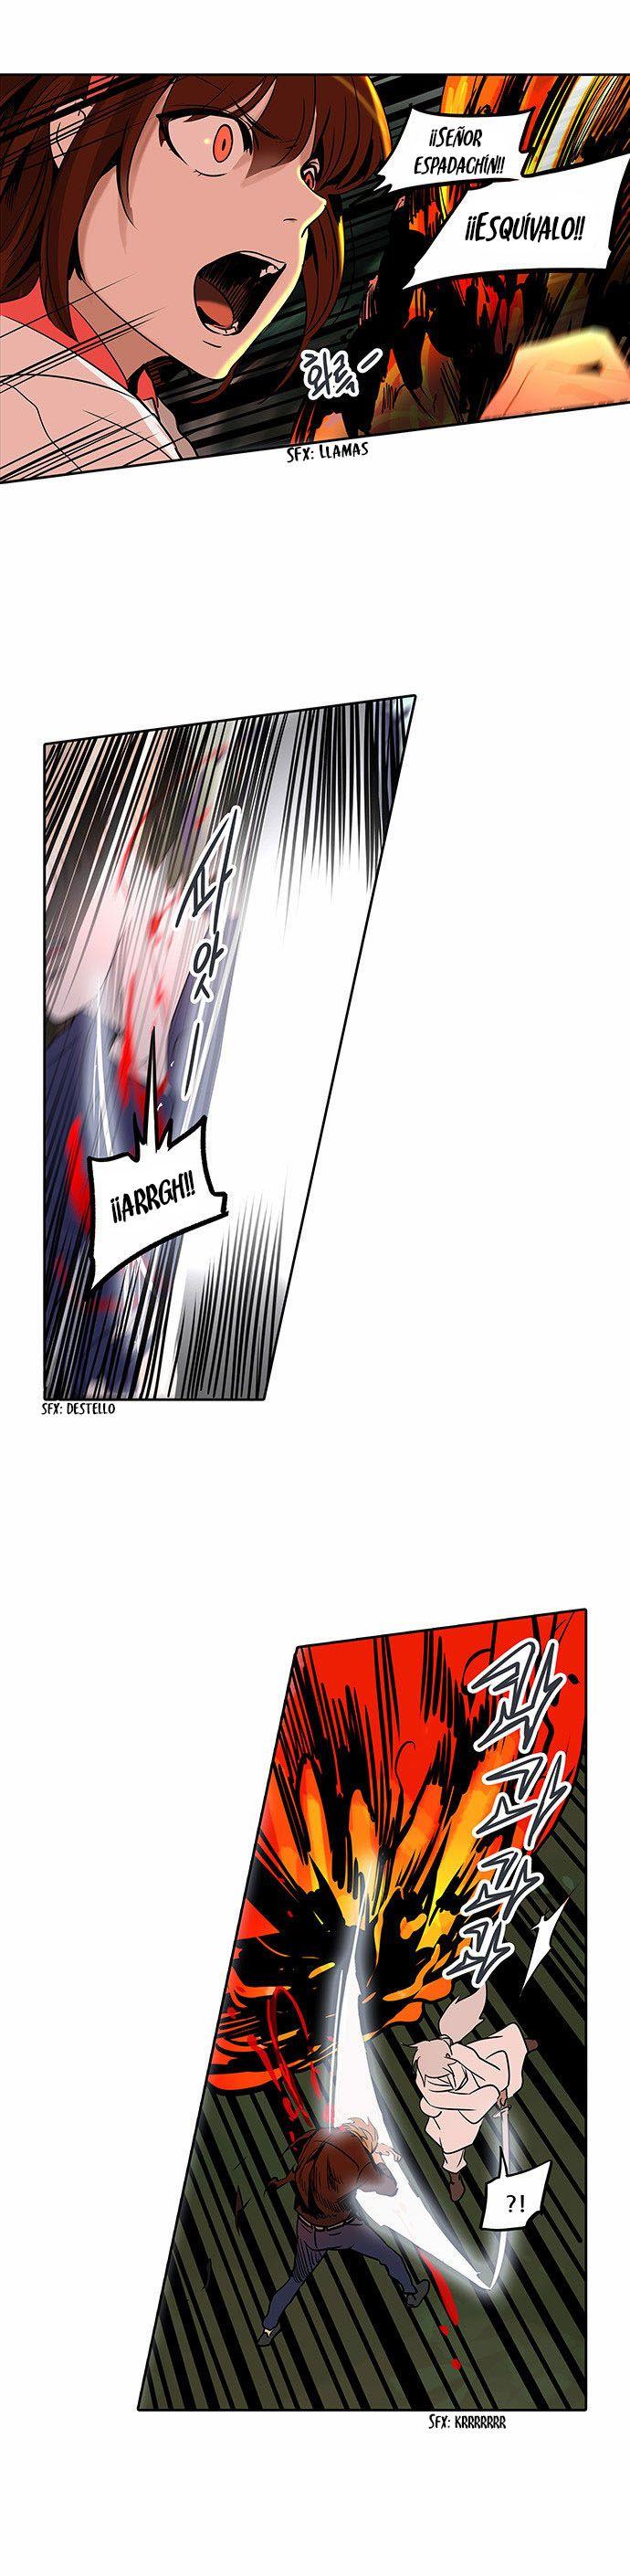 https://c5.ninemanga.com/es_manga/21/149/484809/a226a3f37e7769f9fc64ae3b701854cf.jpg Page 32